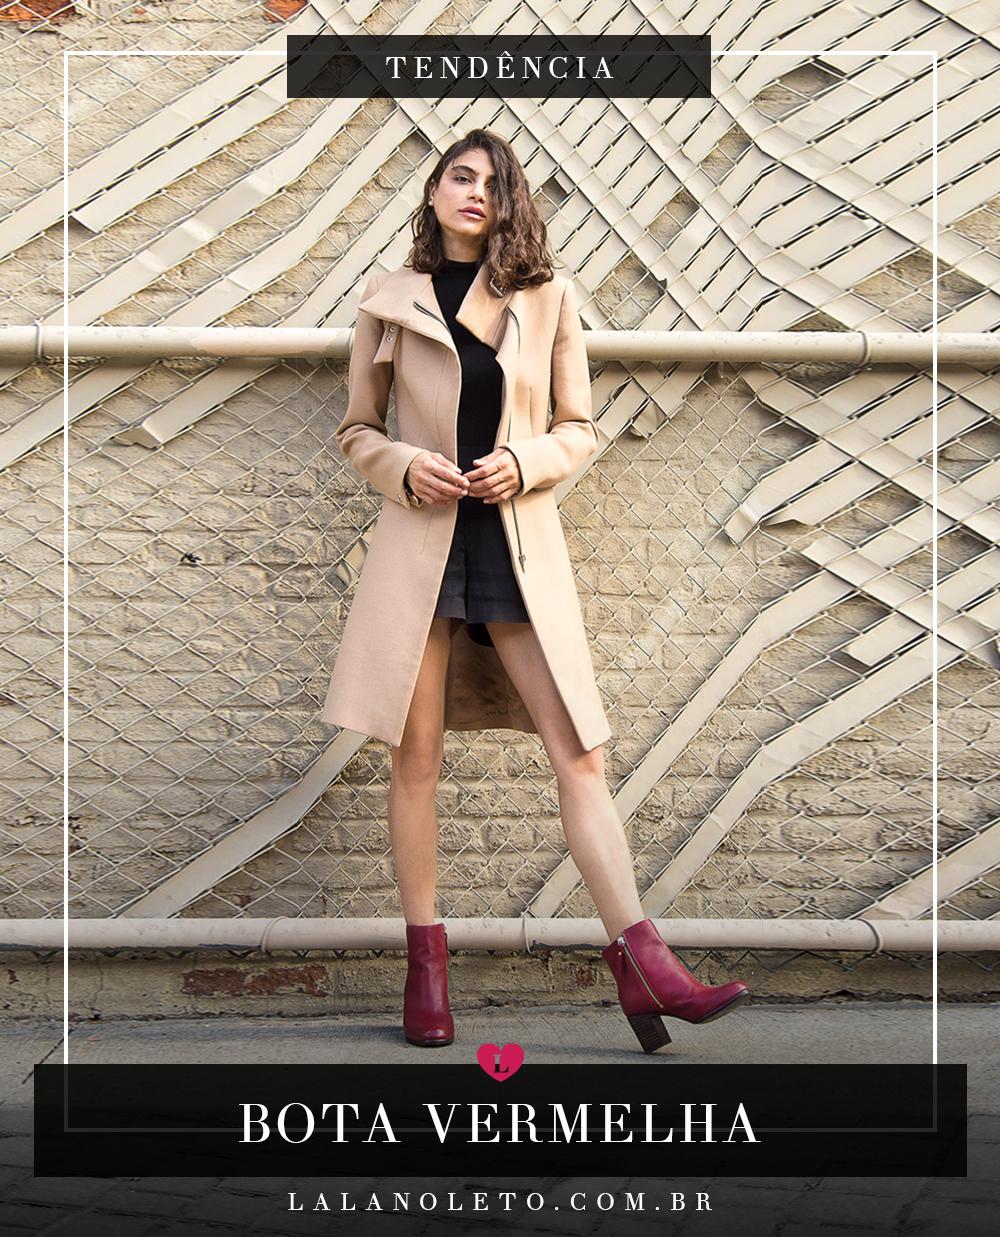 """179c3e9687 Tendência inverno 2018 – bota vermelha. Se tem uma coisa que as  fashionistas já estão """"a par"""" nesta altura do ano e que a bota vermelha é o  calçado mais hot ..."""